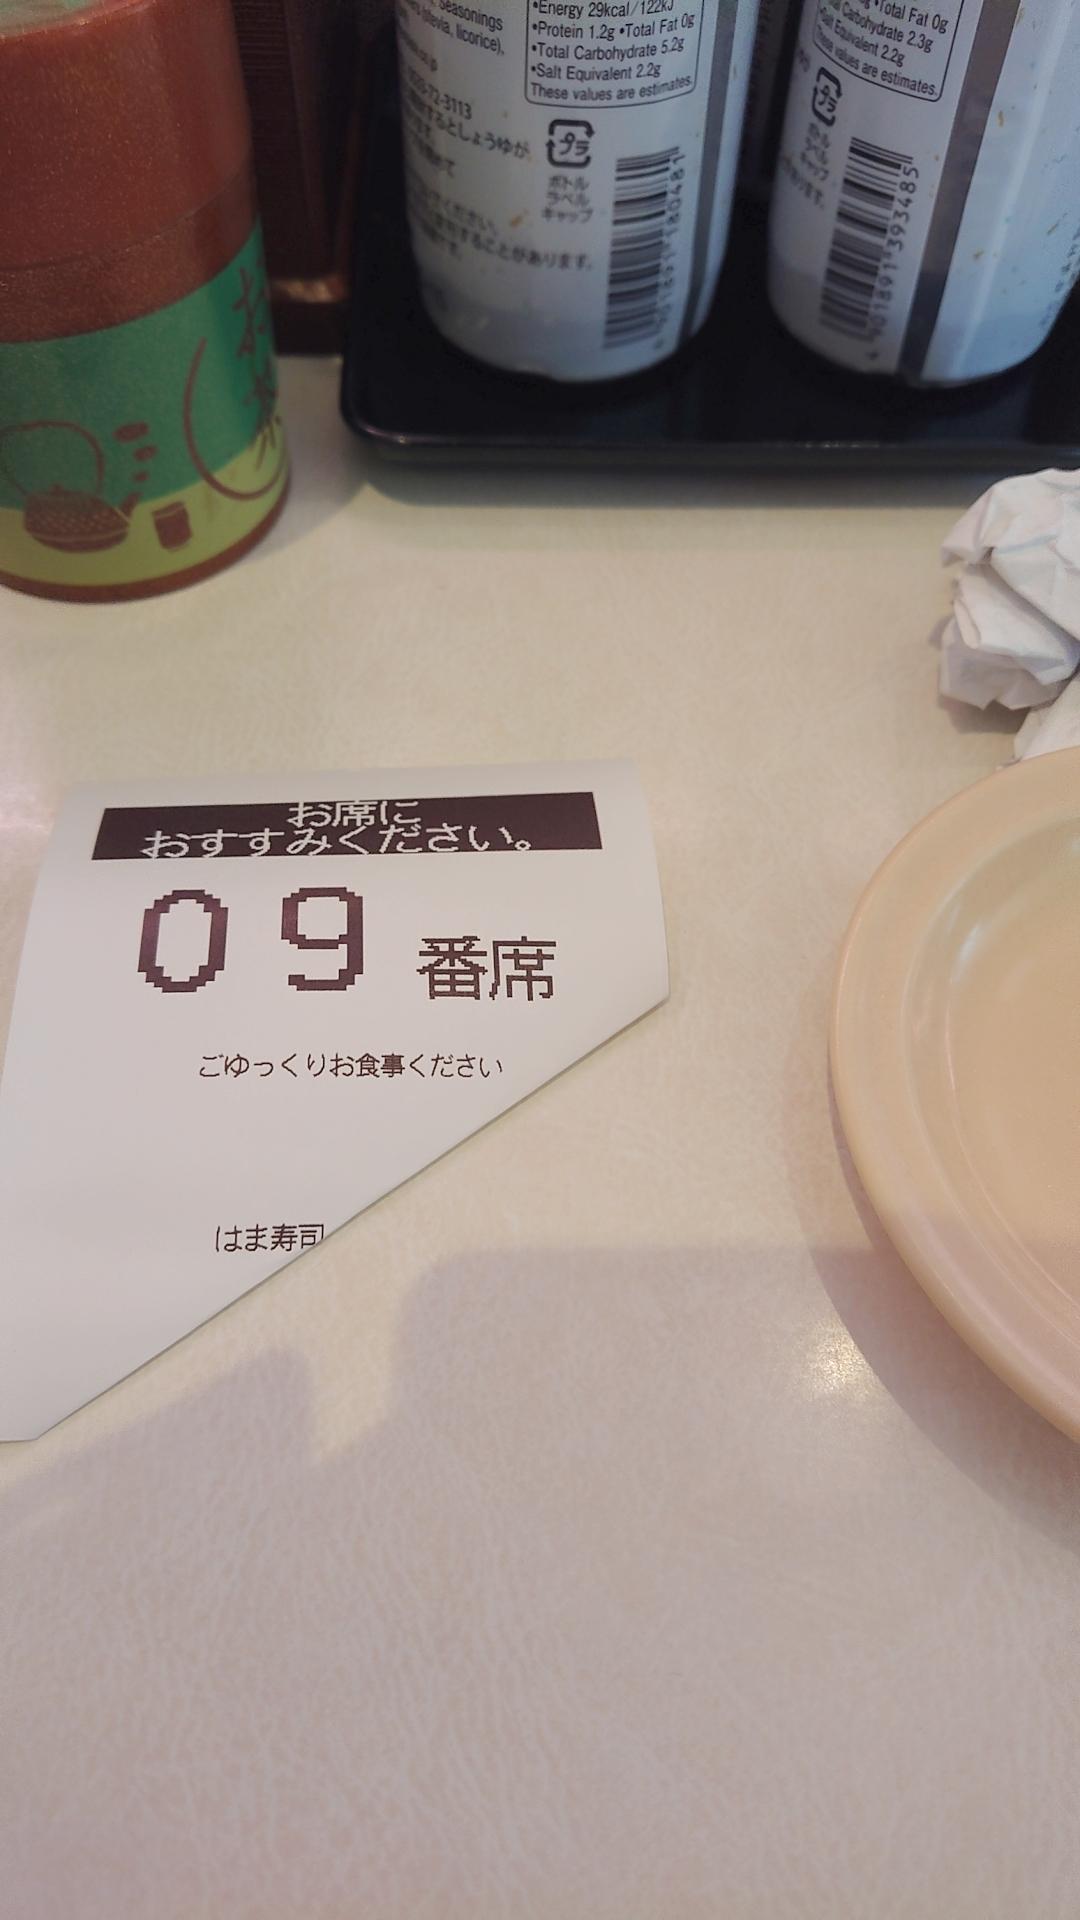 【画像有】安価ではま寿司食うwwww